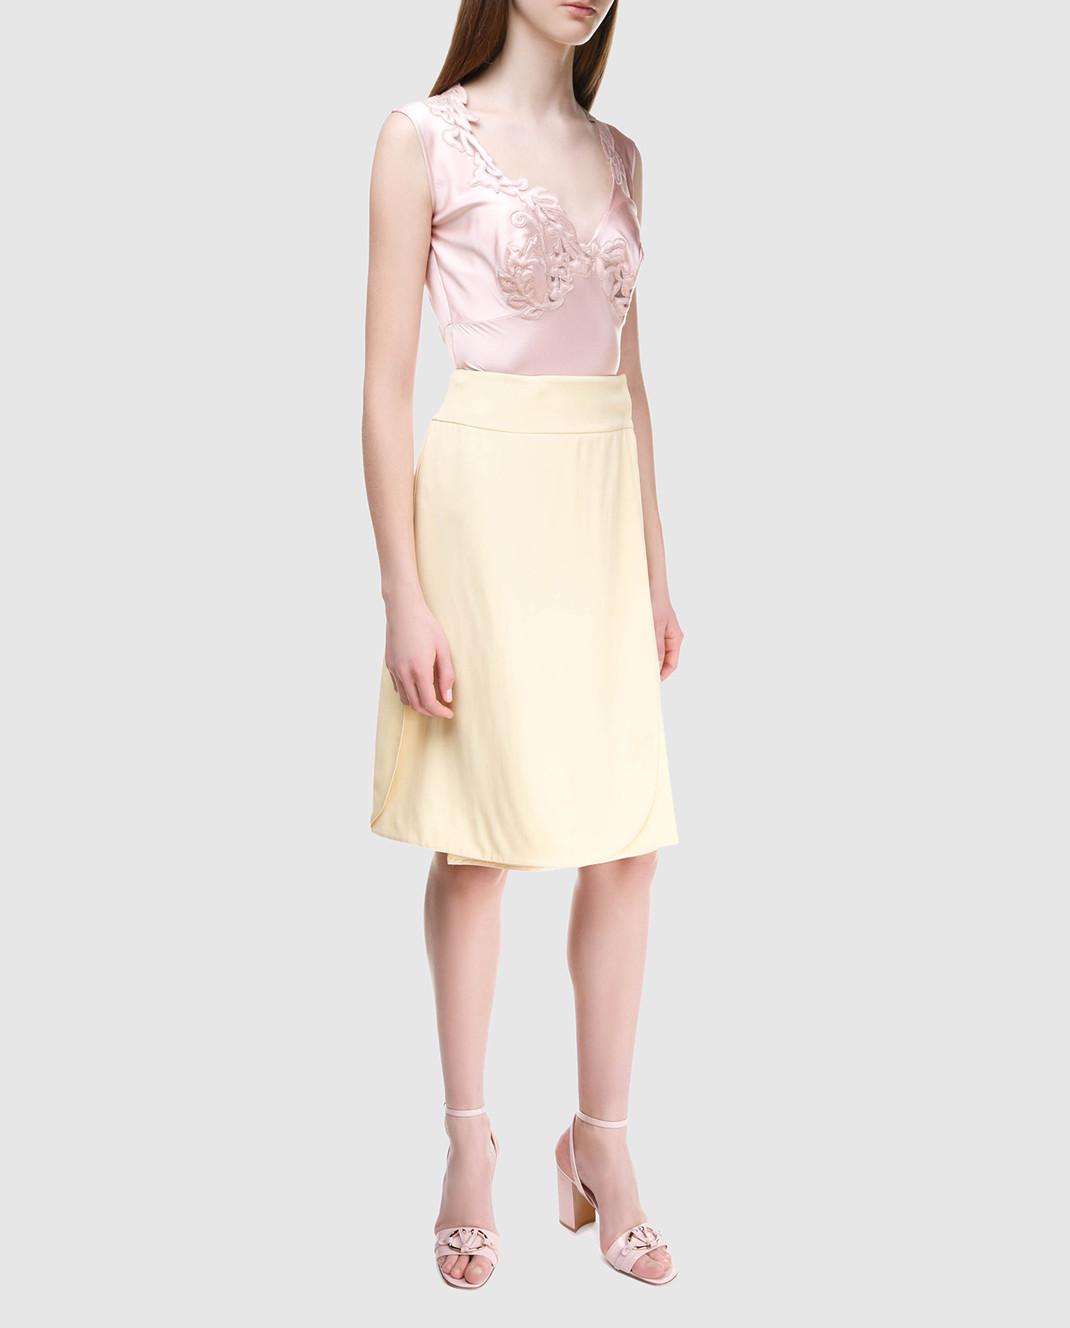 Prada Желтая юбка на запах изображение 2